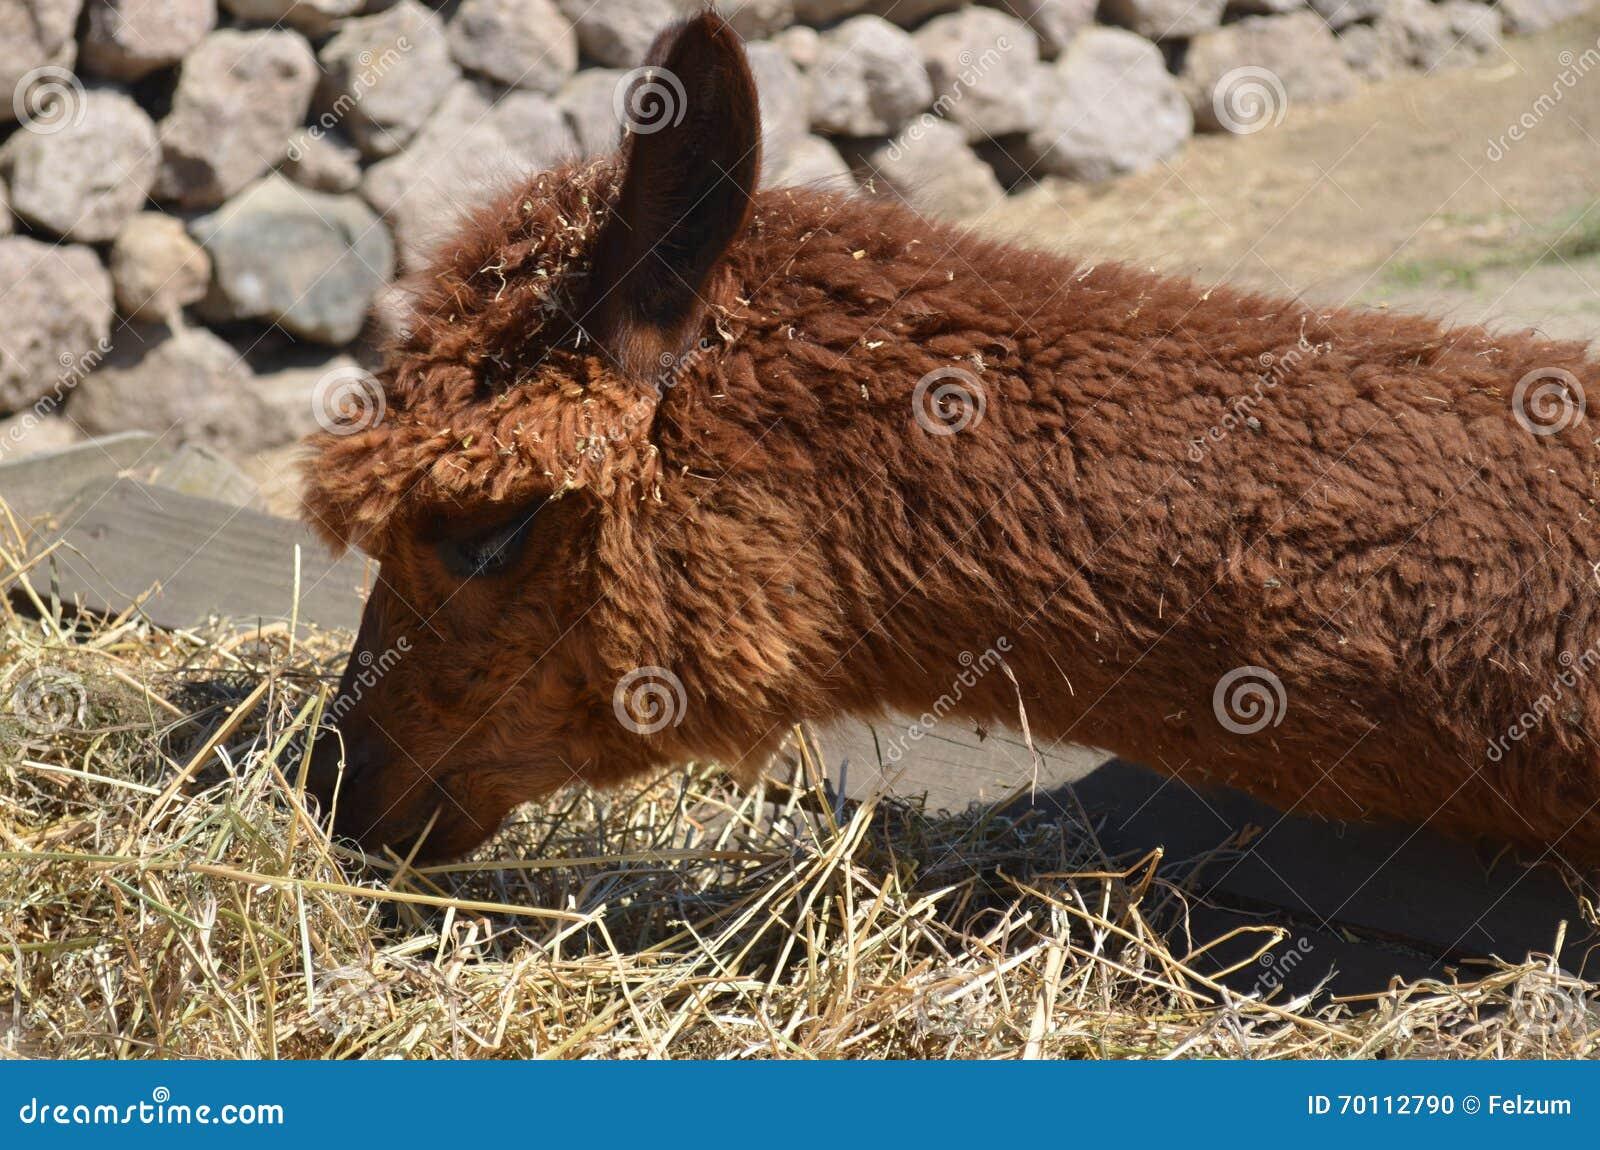 Lama in Peru